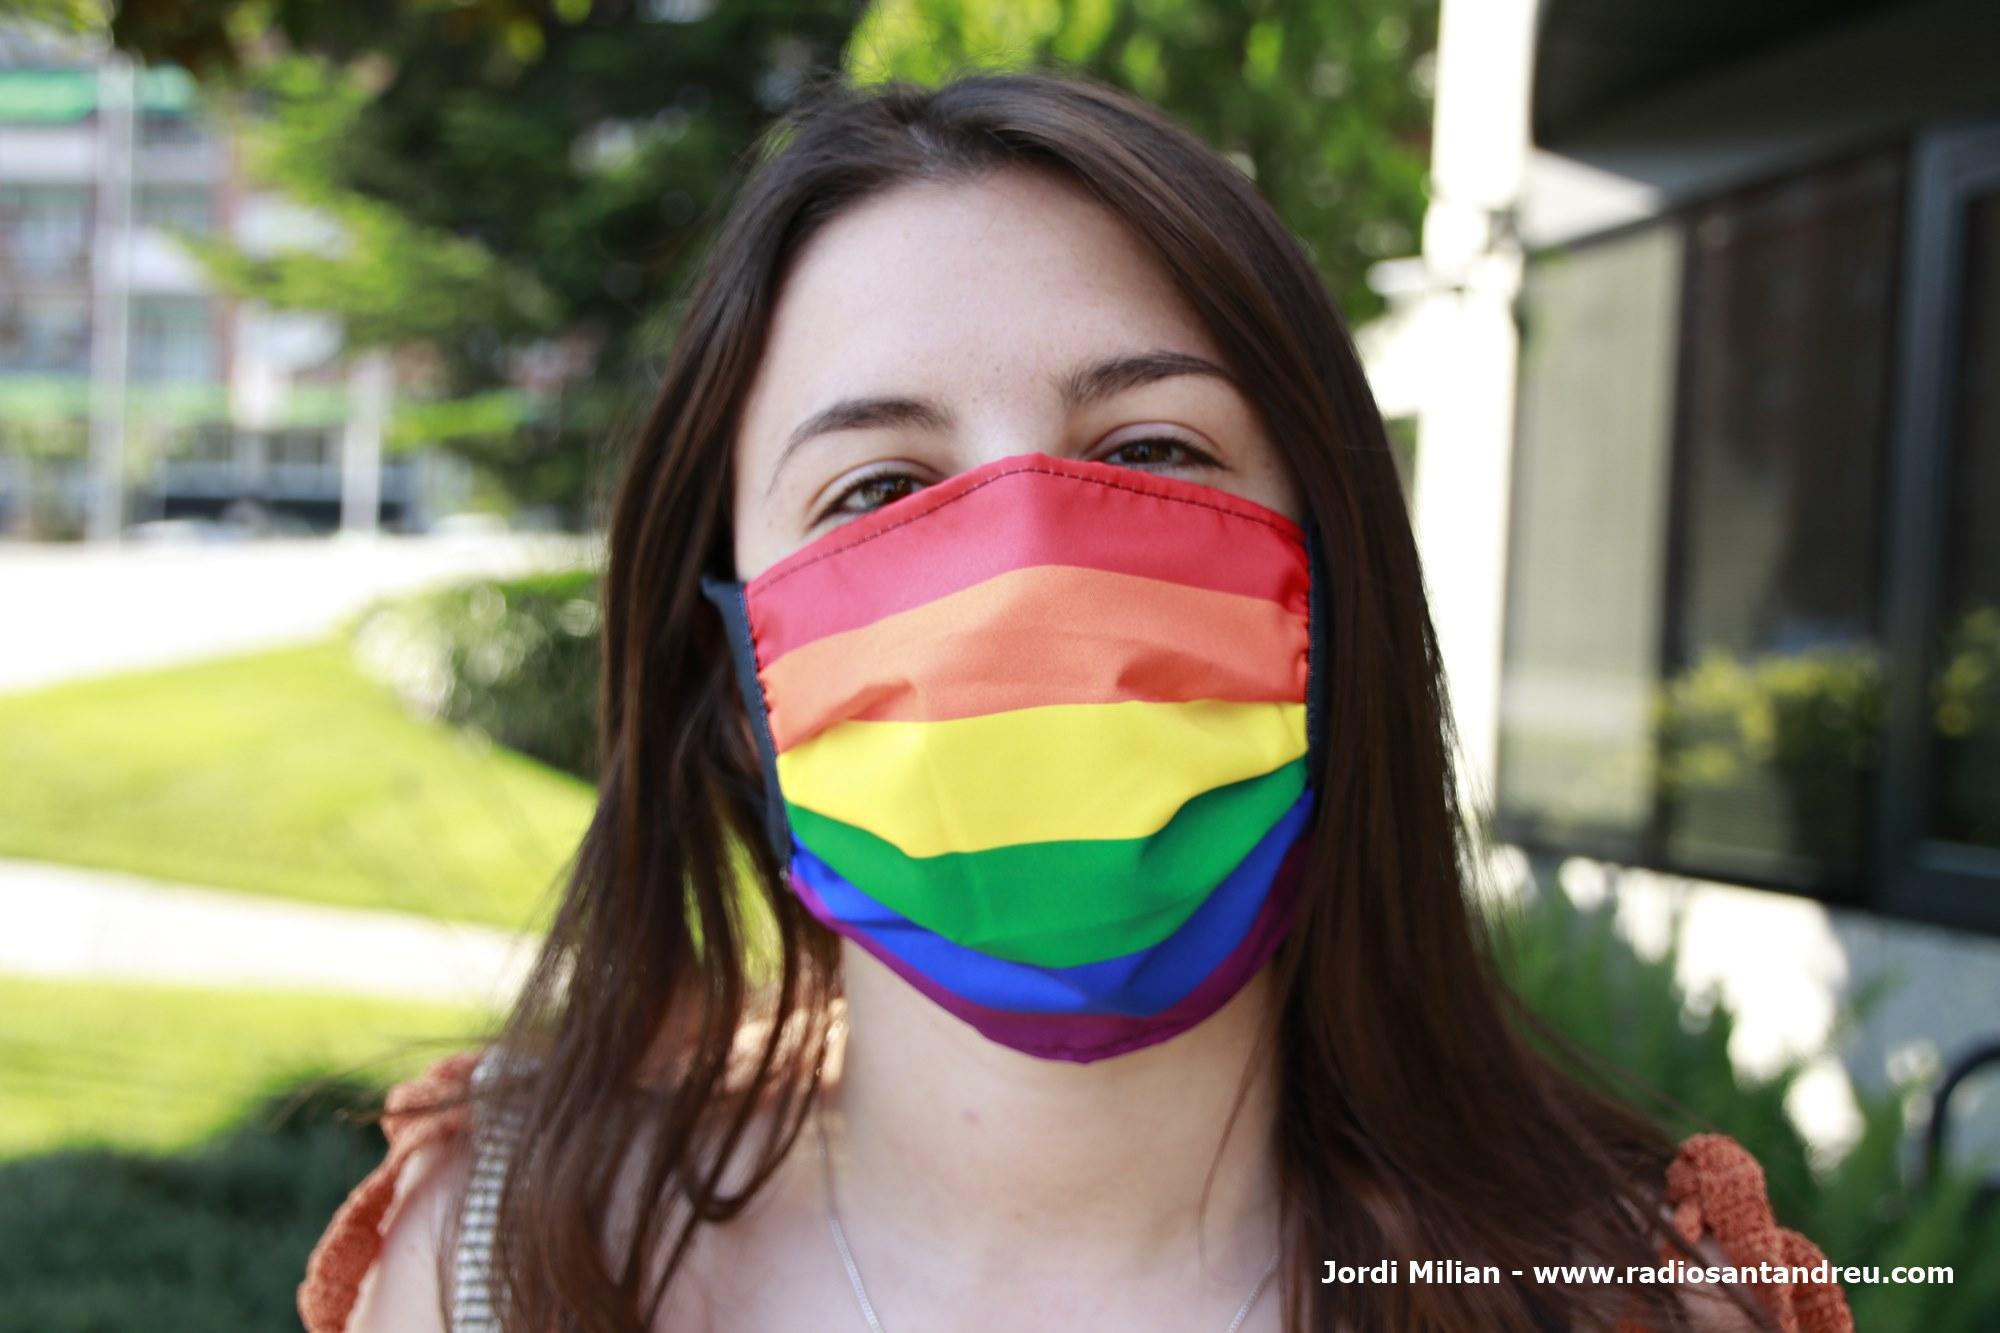 Ajuntament pancarta LGTBI 2020 - 03